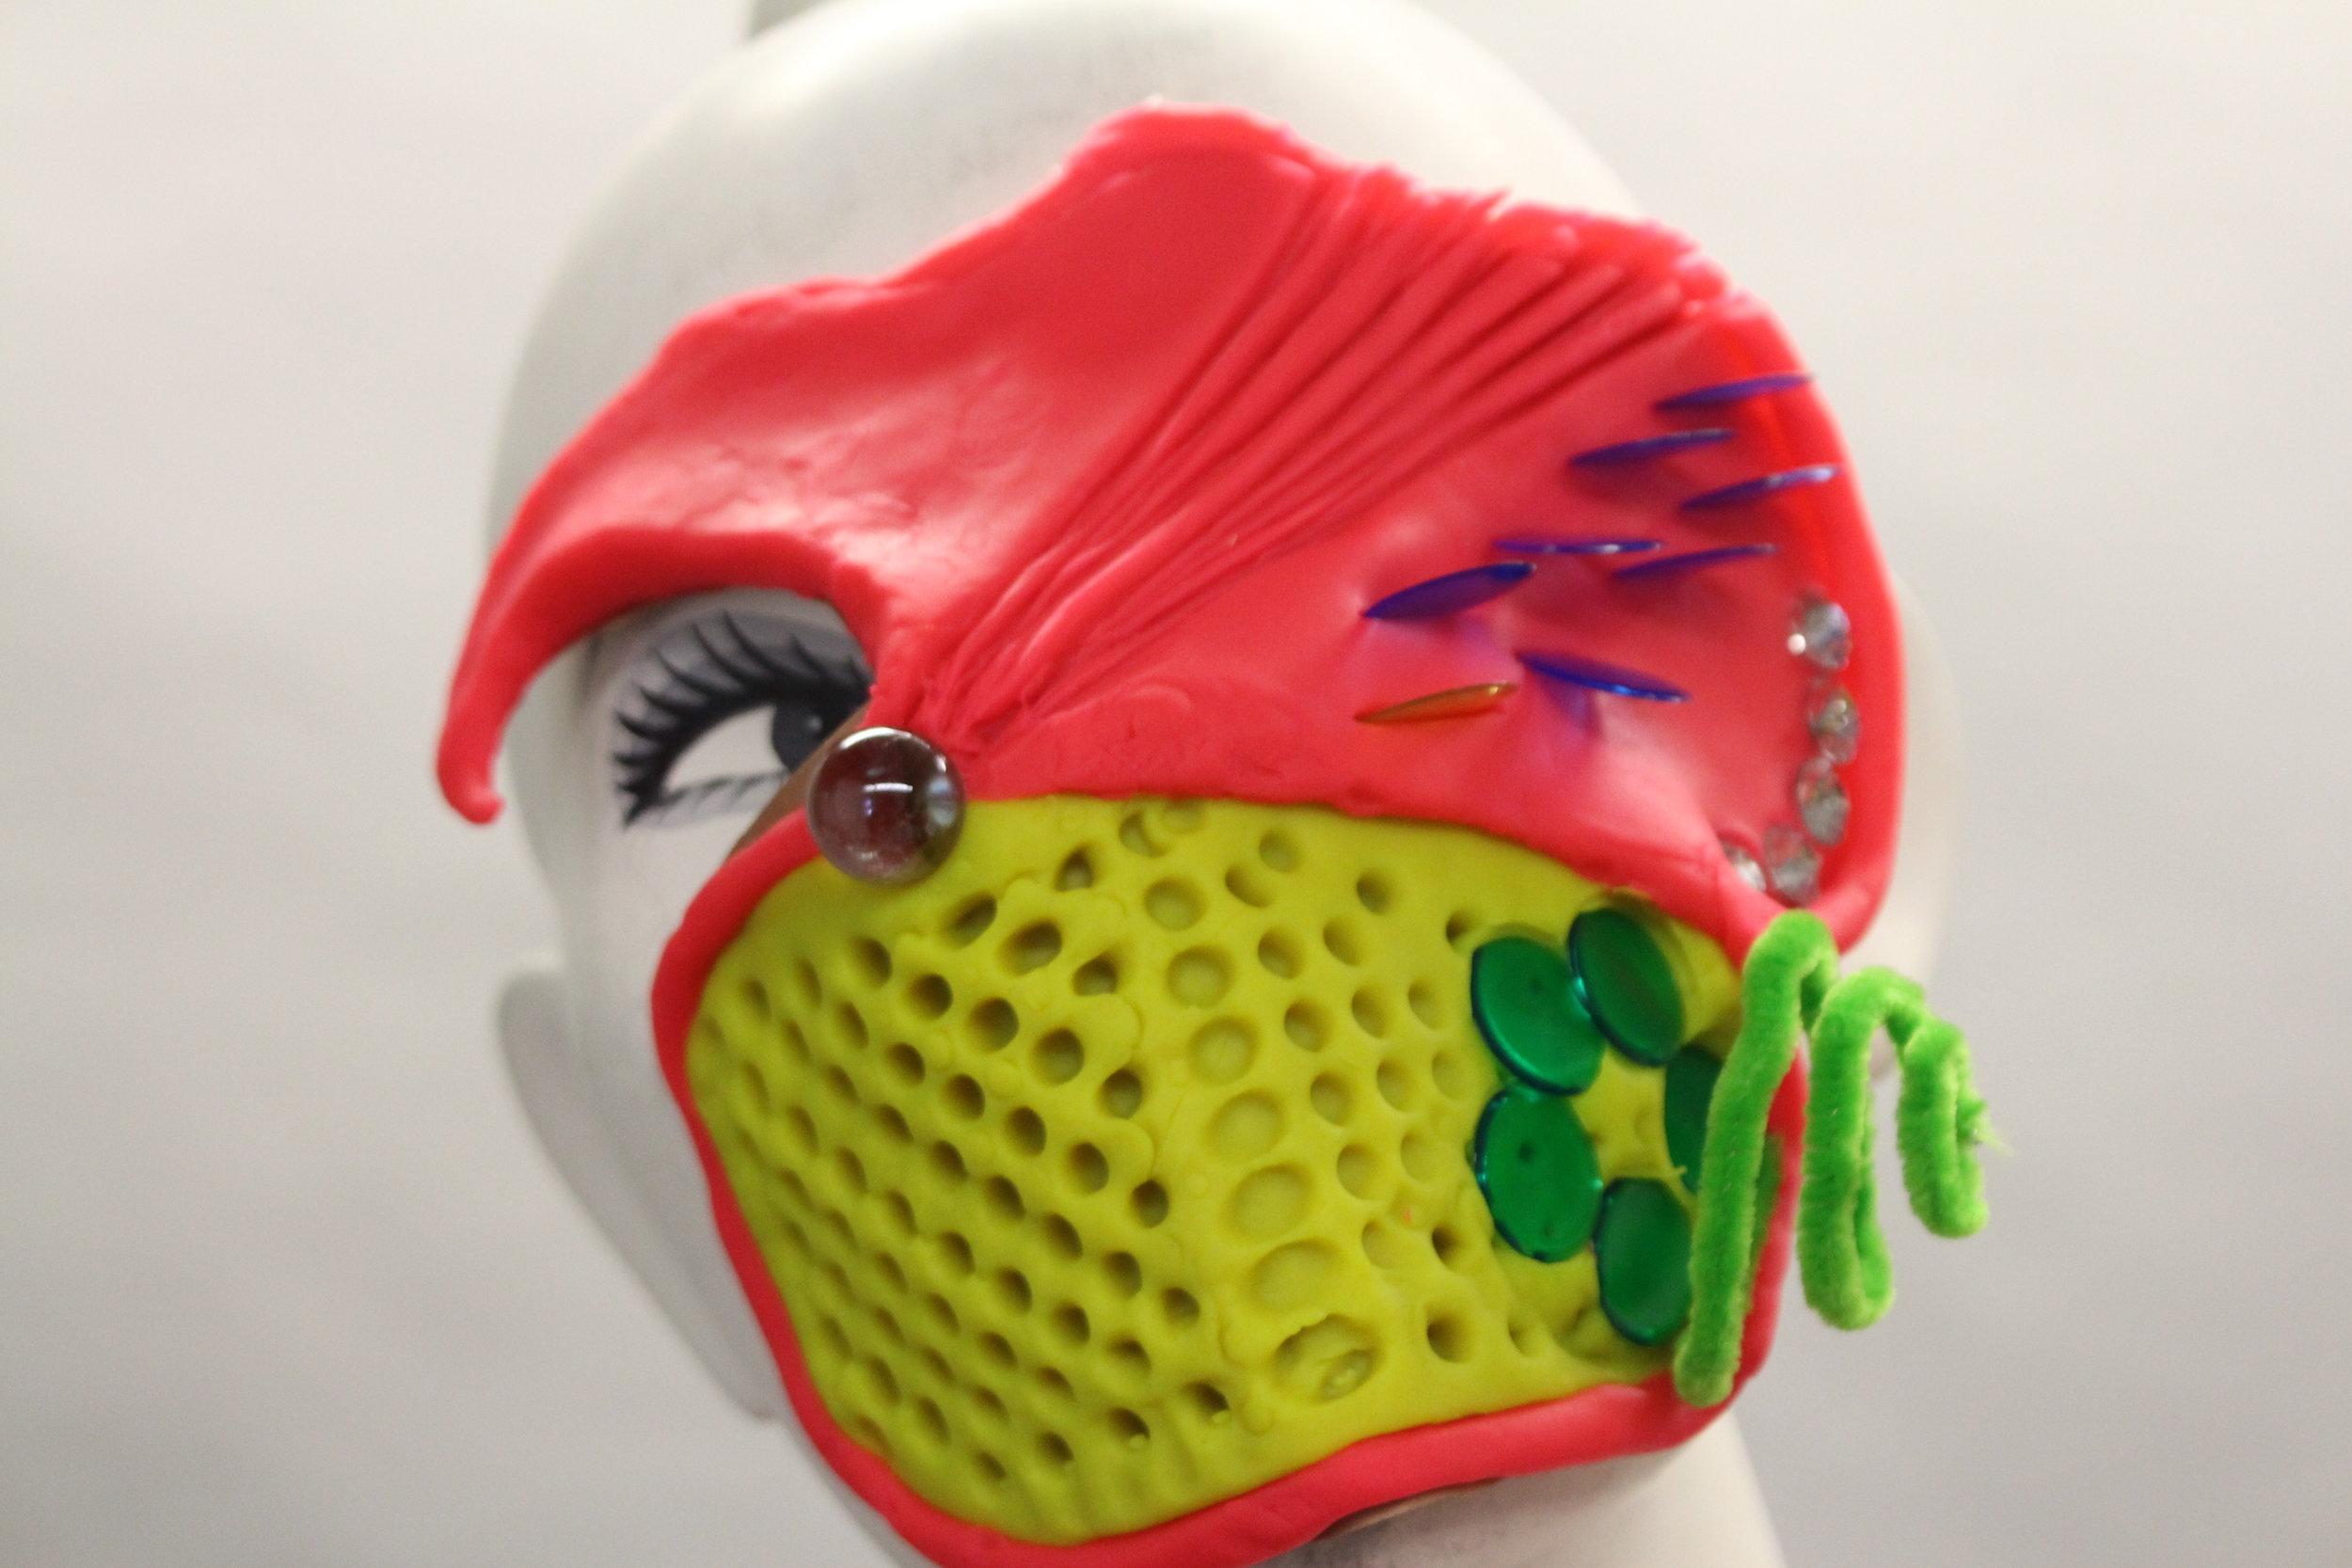 Mask Prototype_21.JPG